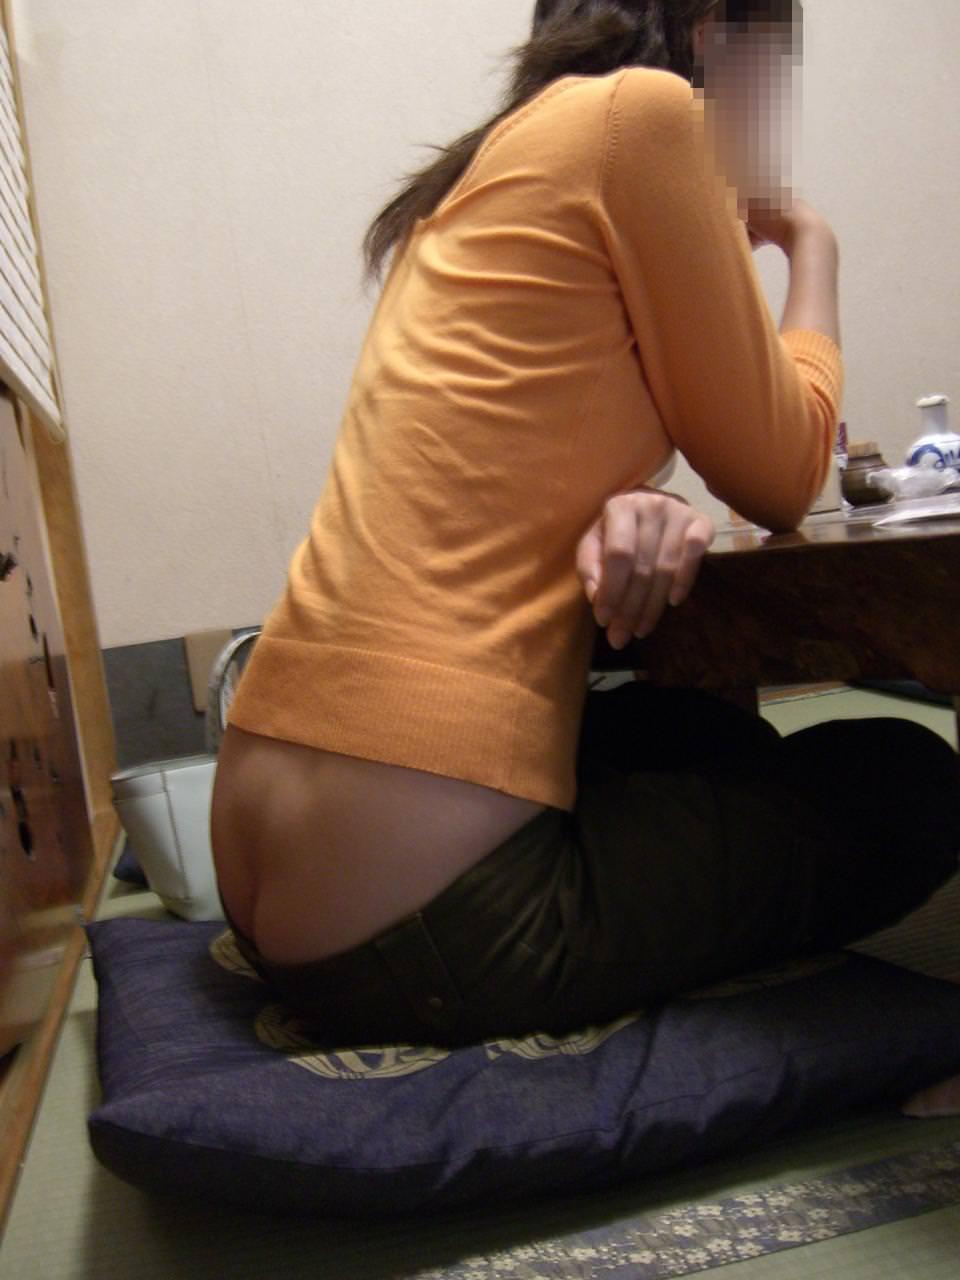 飲食店でパンチラをスマホ撮りwwwミニスカ女子は余裕すぎでしょwww 1193